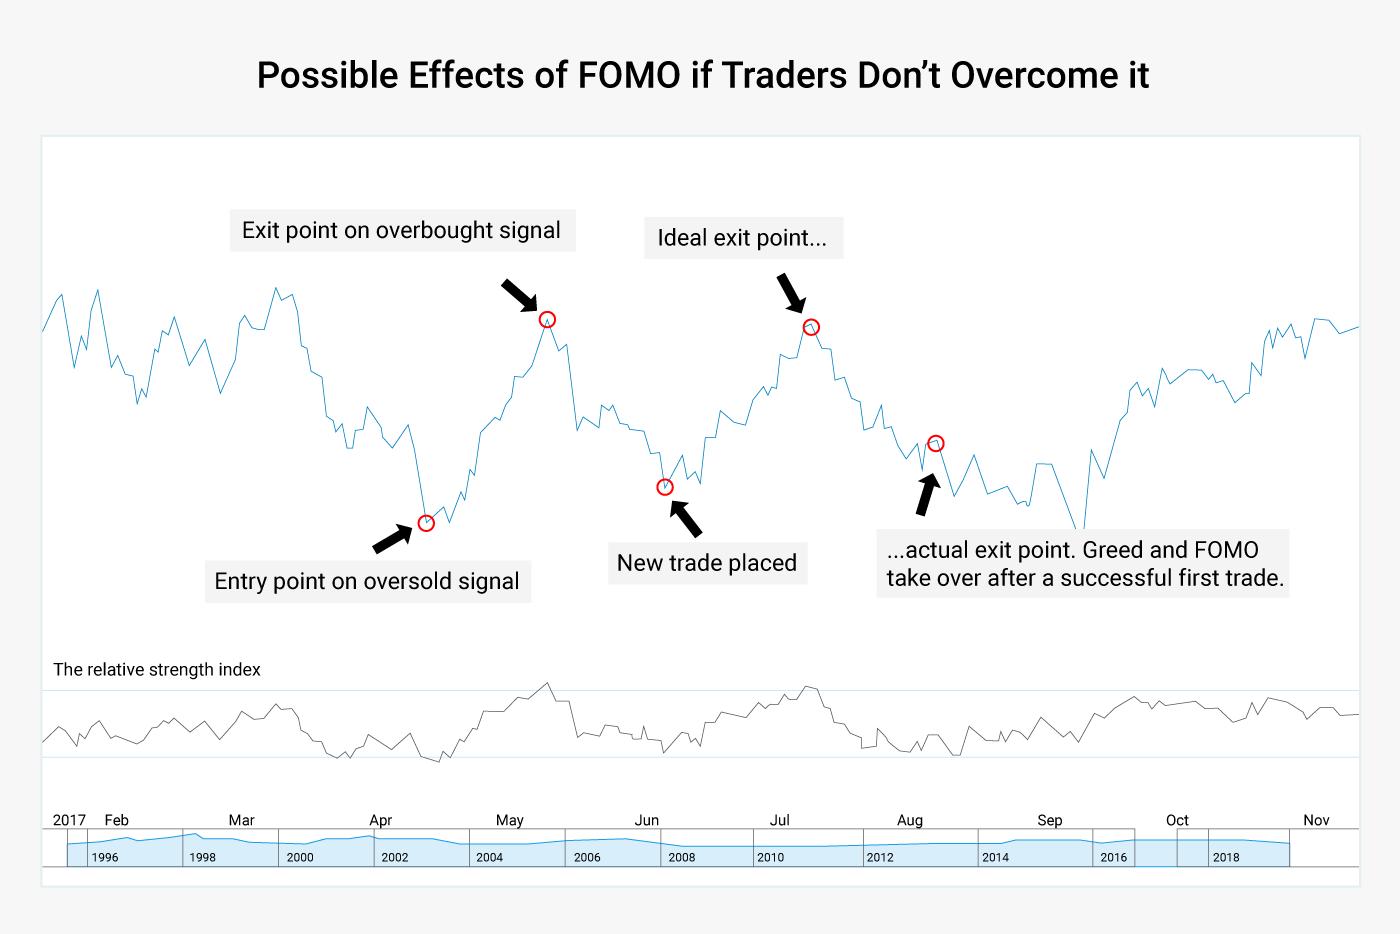 Biểu đồ cho thấy các tác động có thể có của FOMO nếu các nhà giao dịch không vượt qua nó